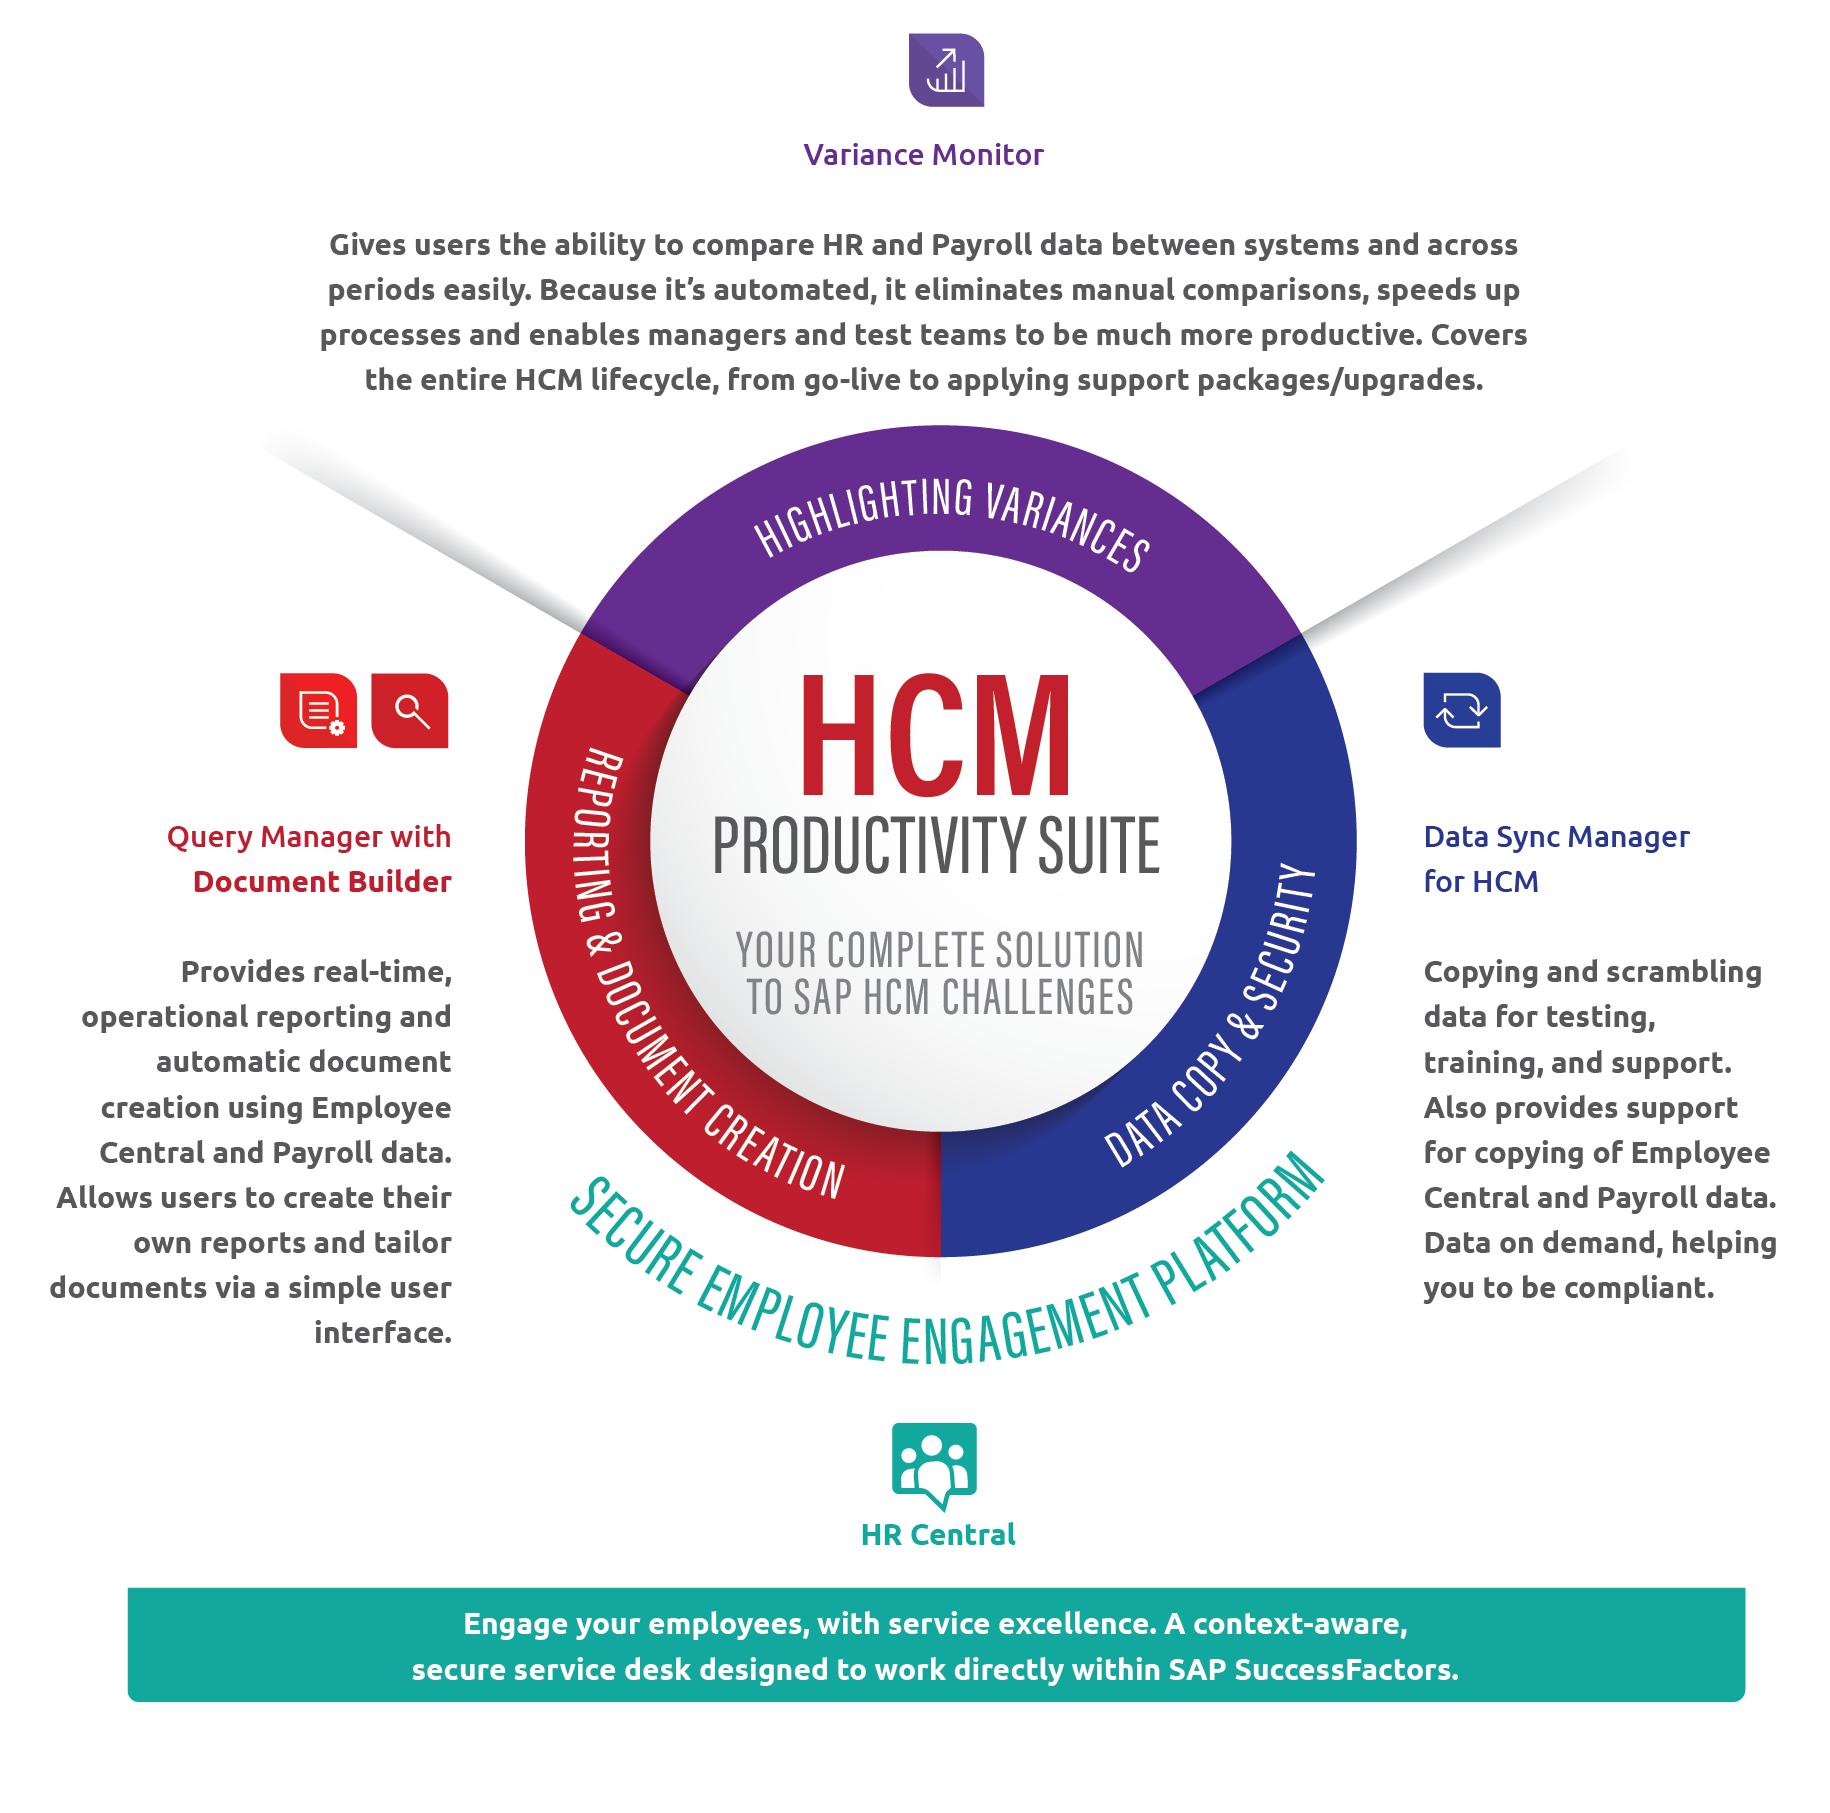 HCM Productivity Suite